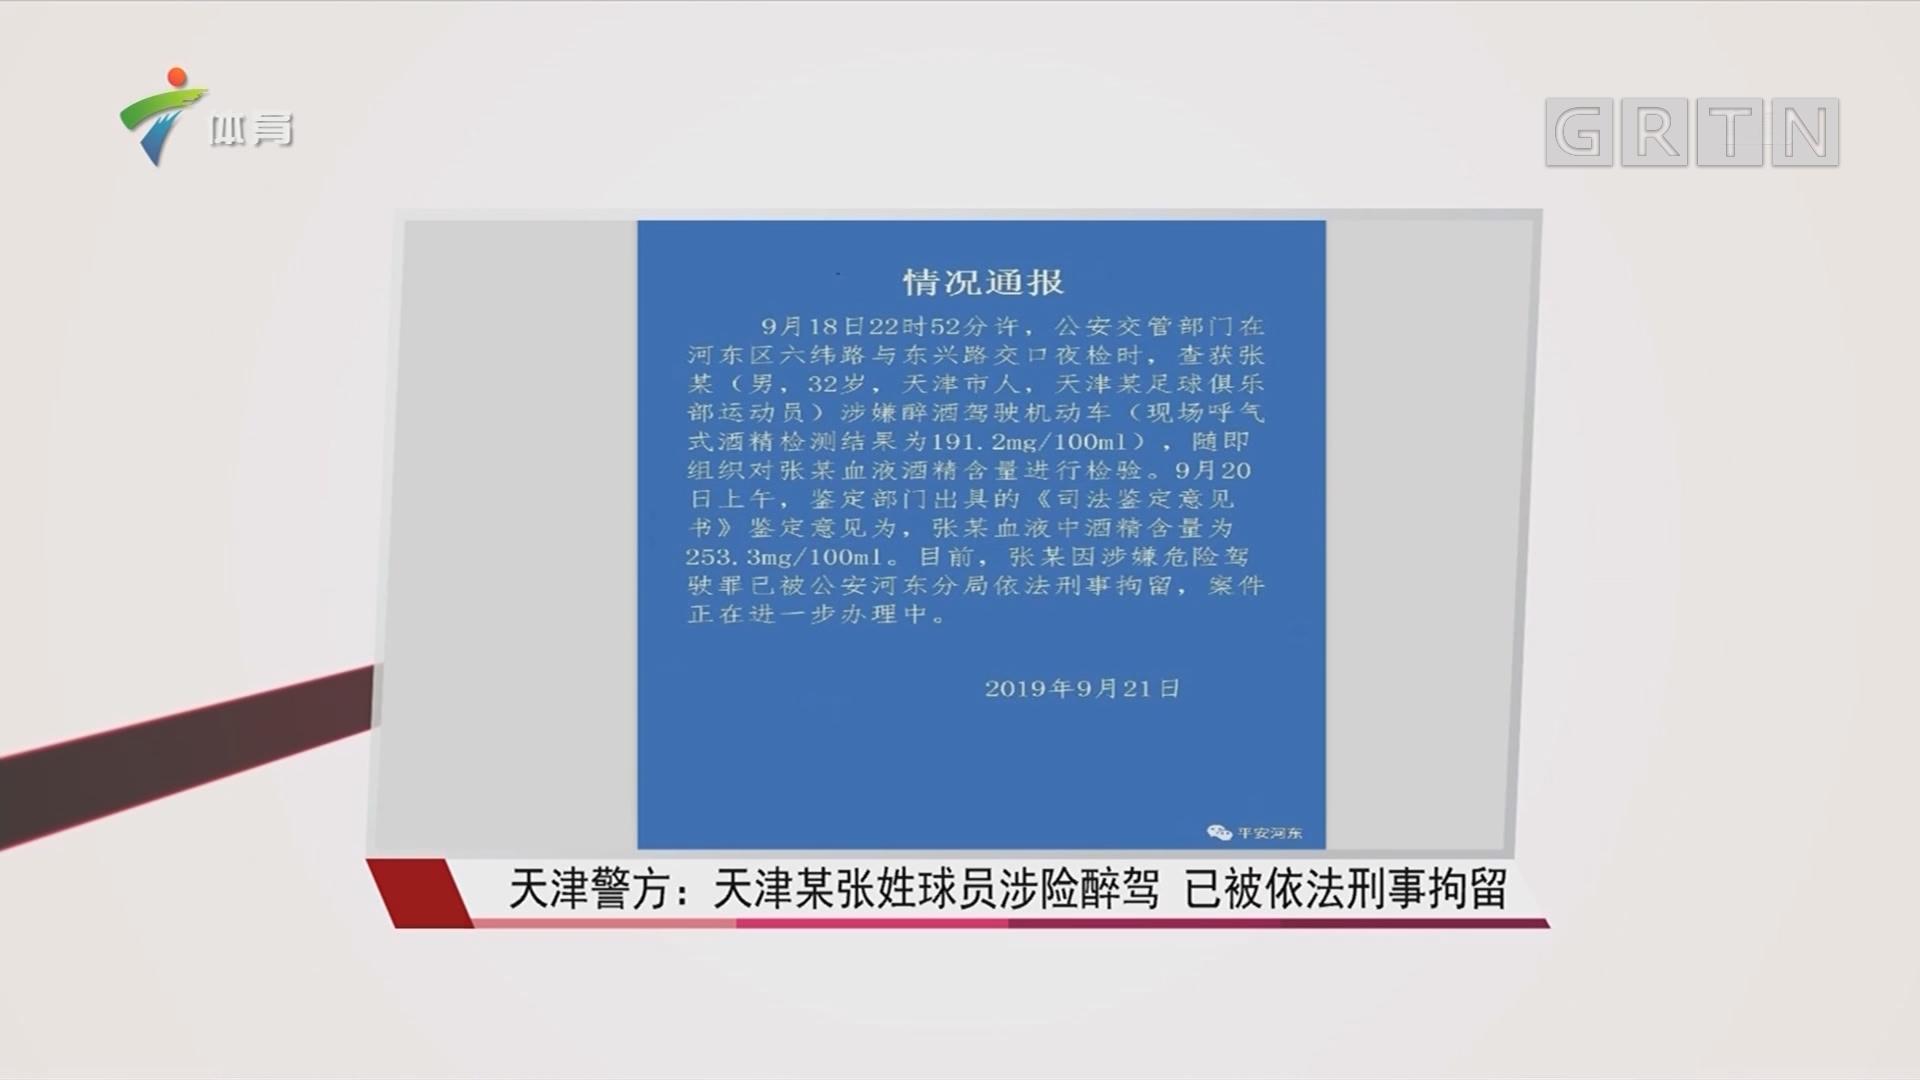 天津警方:天津某张姓球员涉险醉驾 已被依法刑事拘留